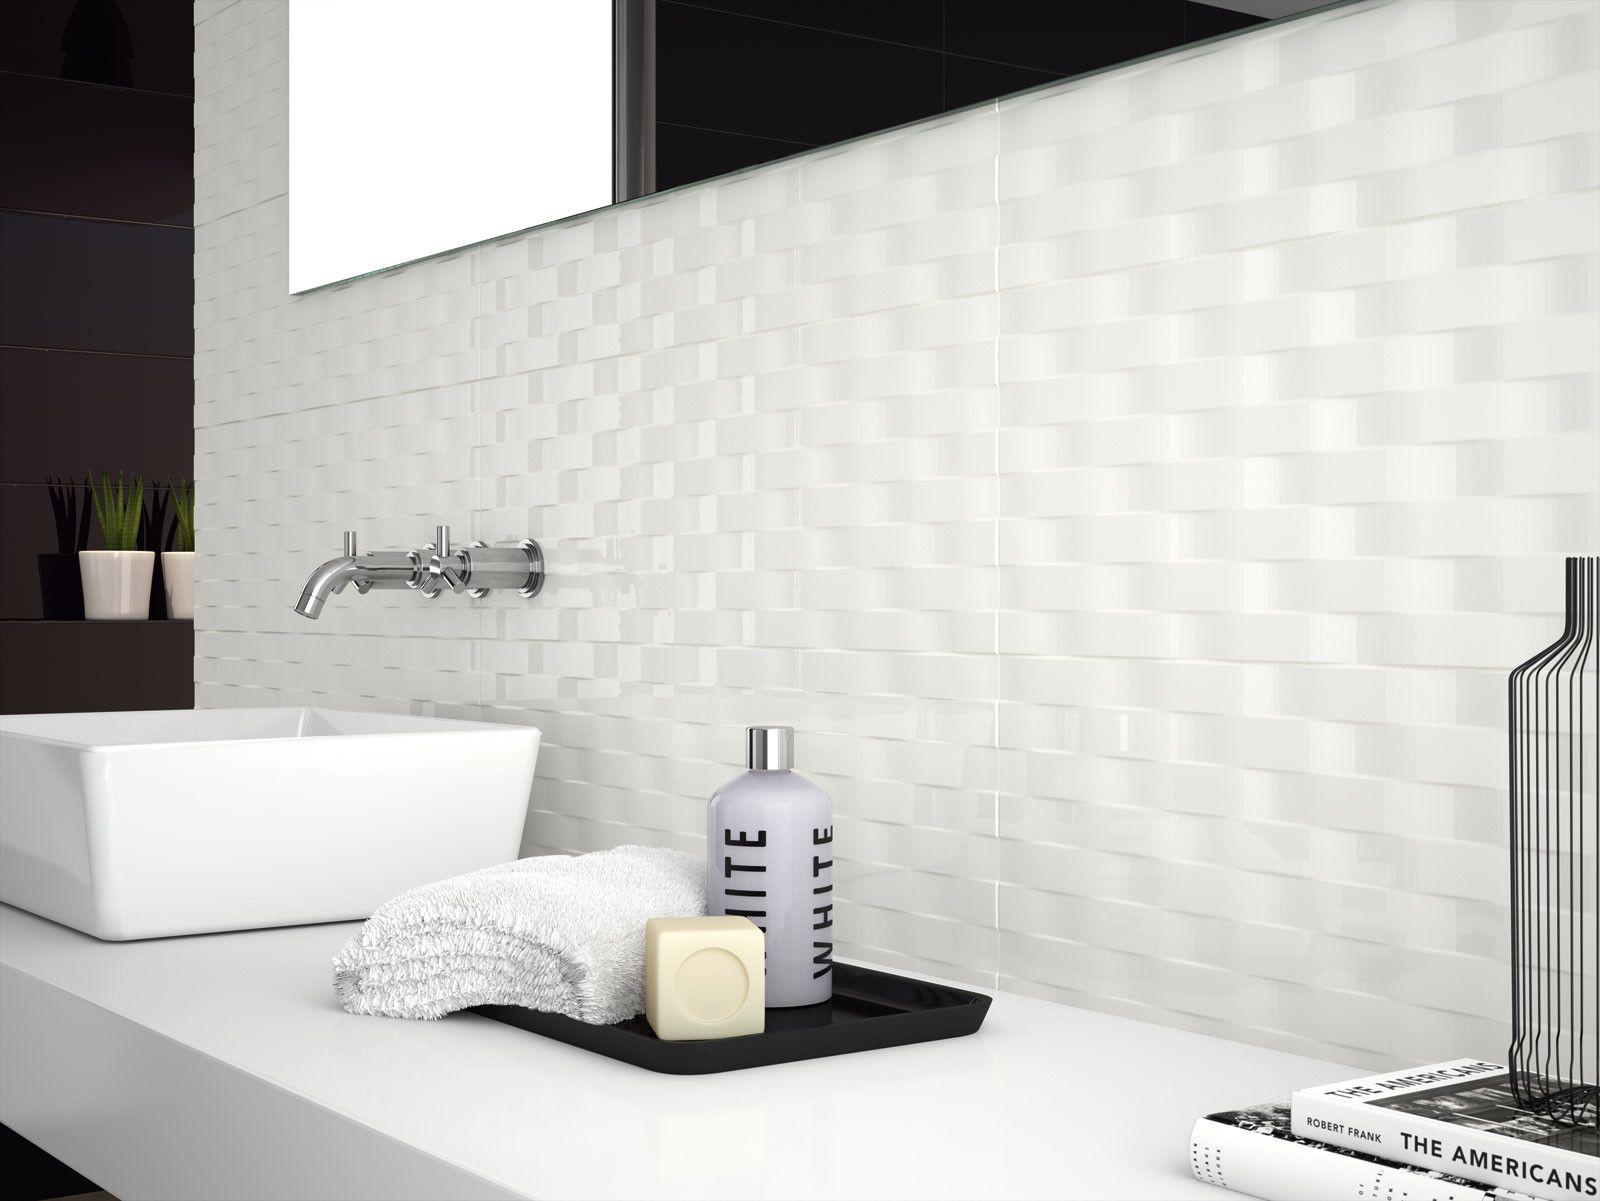 Ziemlich Keramik Fliesenboden Designs Für Küchen Fotos ...